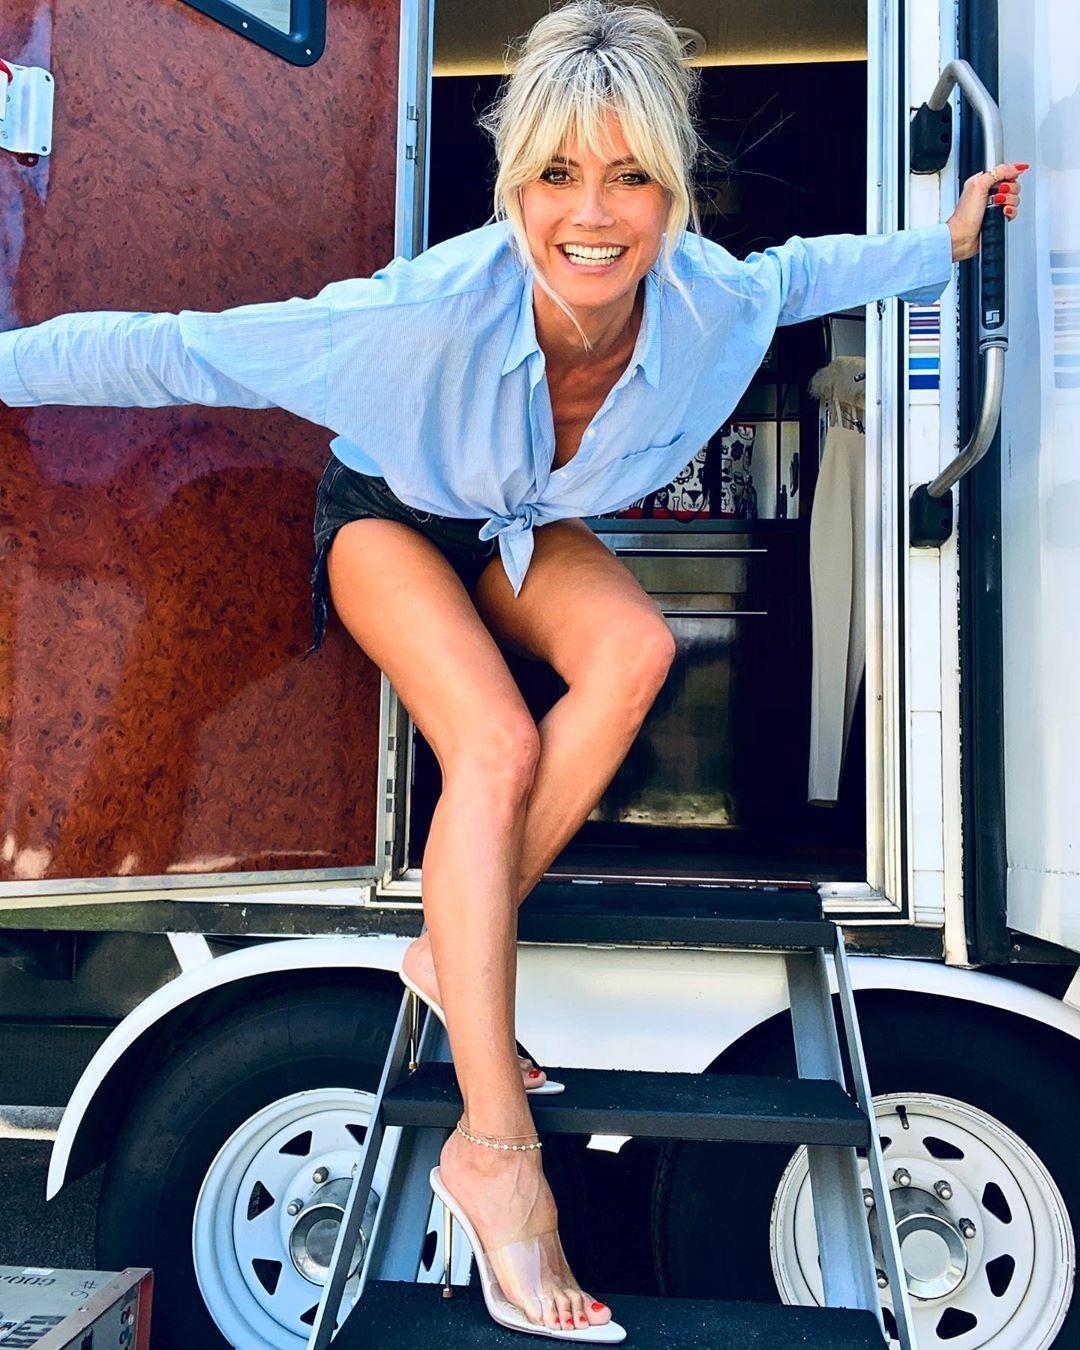 Вечно молодая Хайди Клум похвасталась длинными стройными ногами в ошеломительных образах